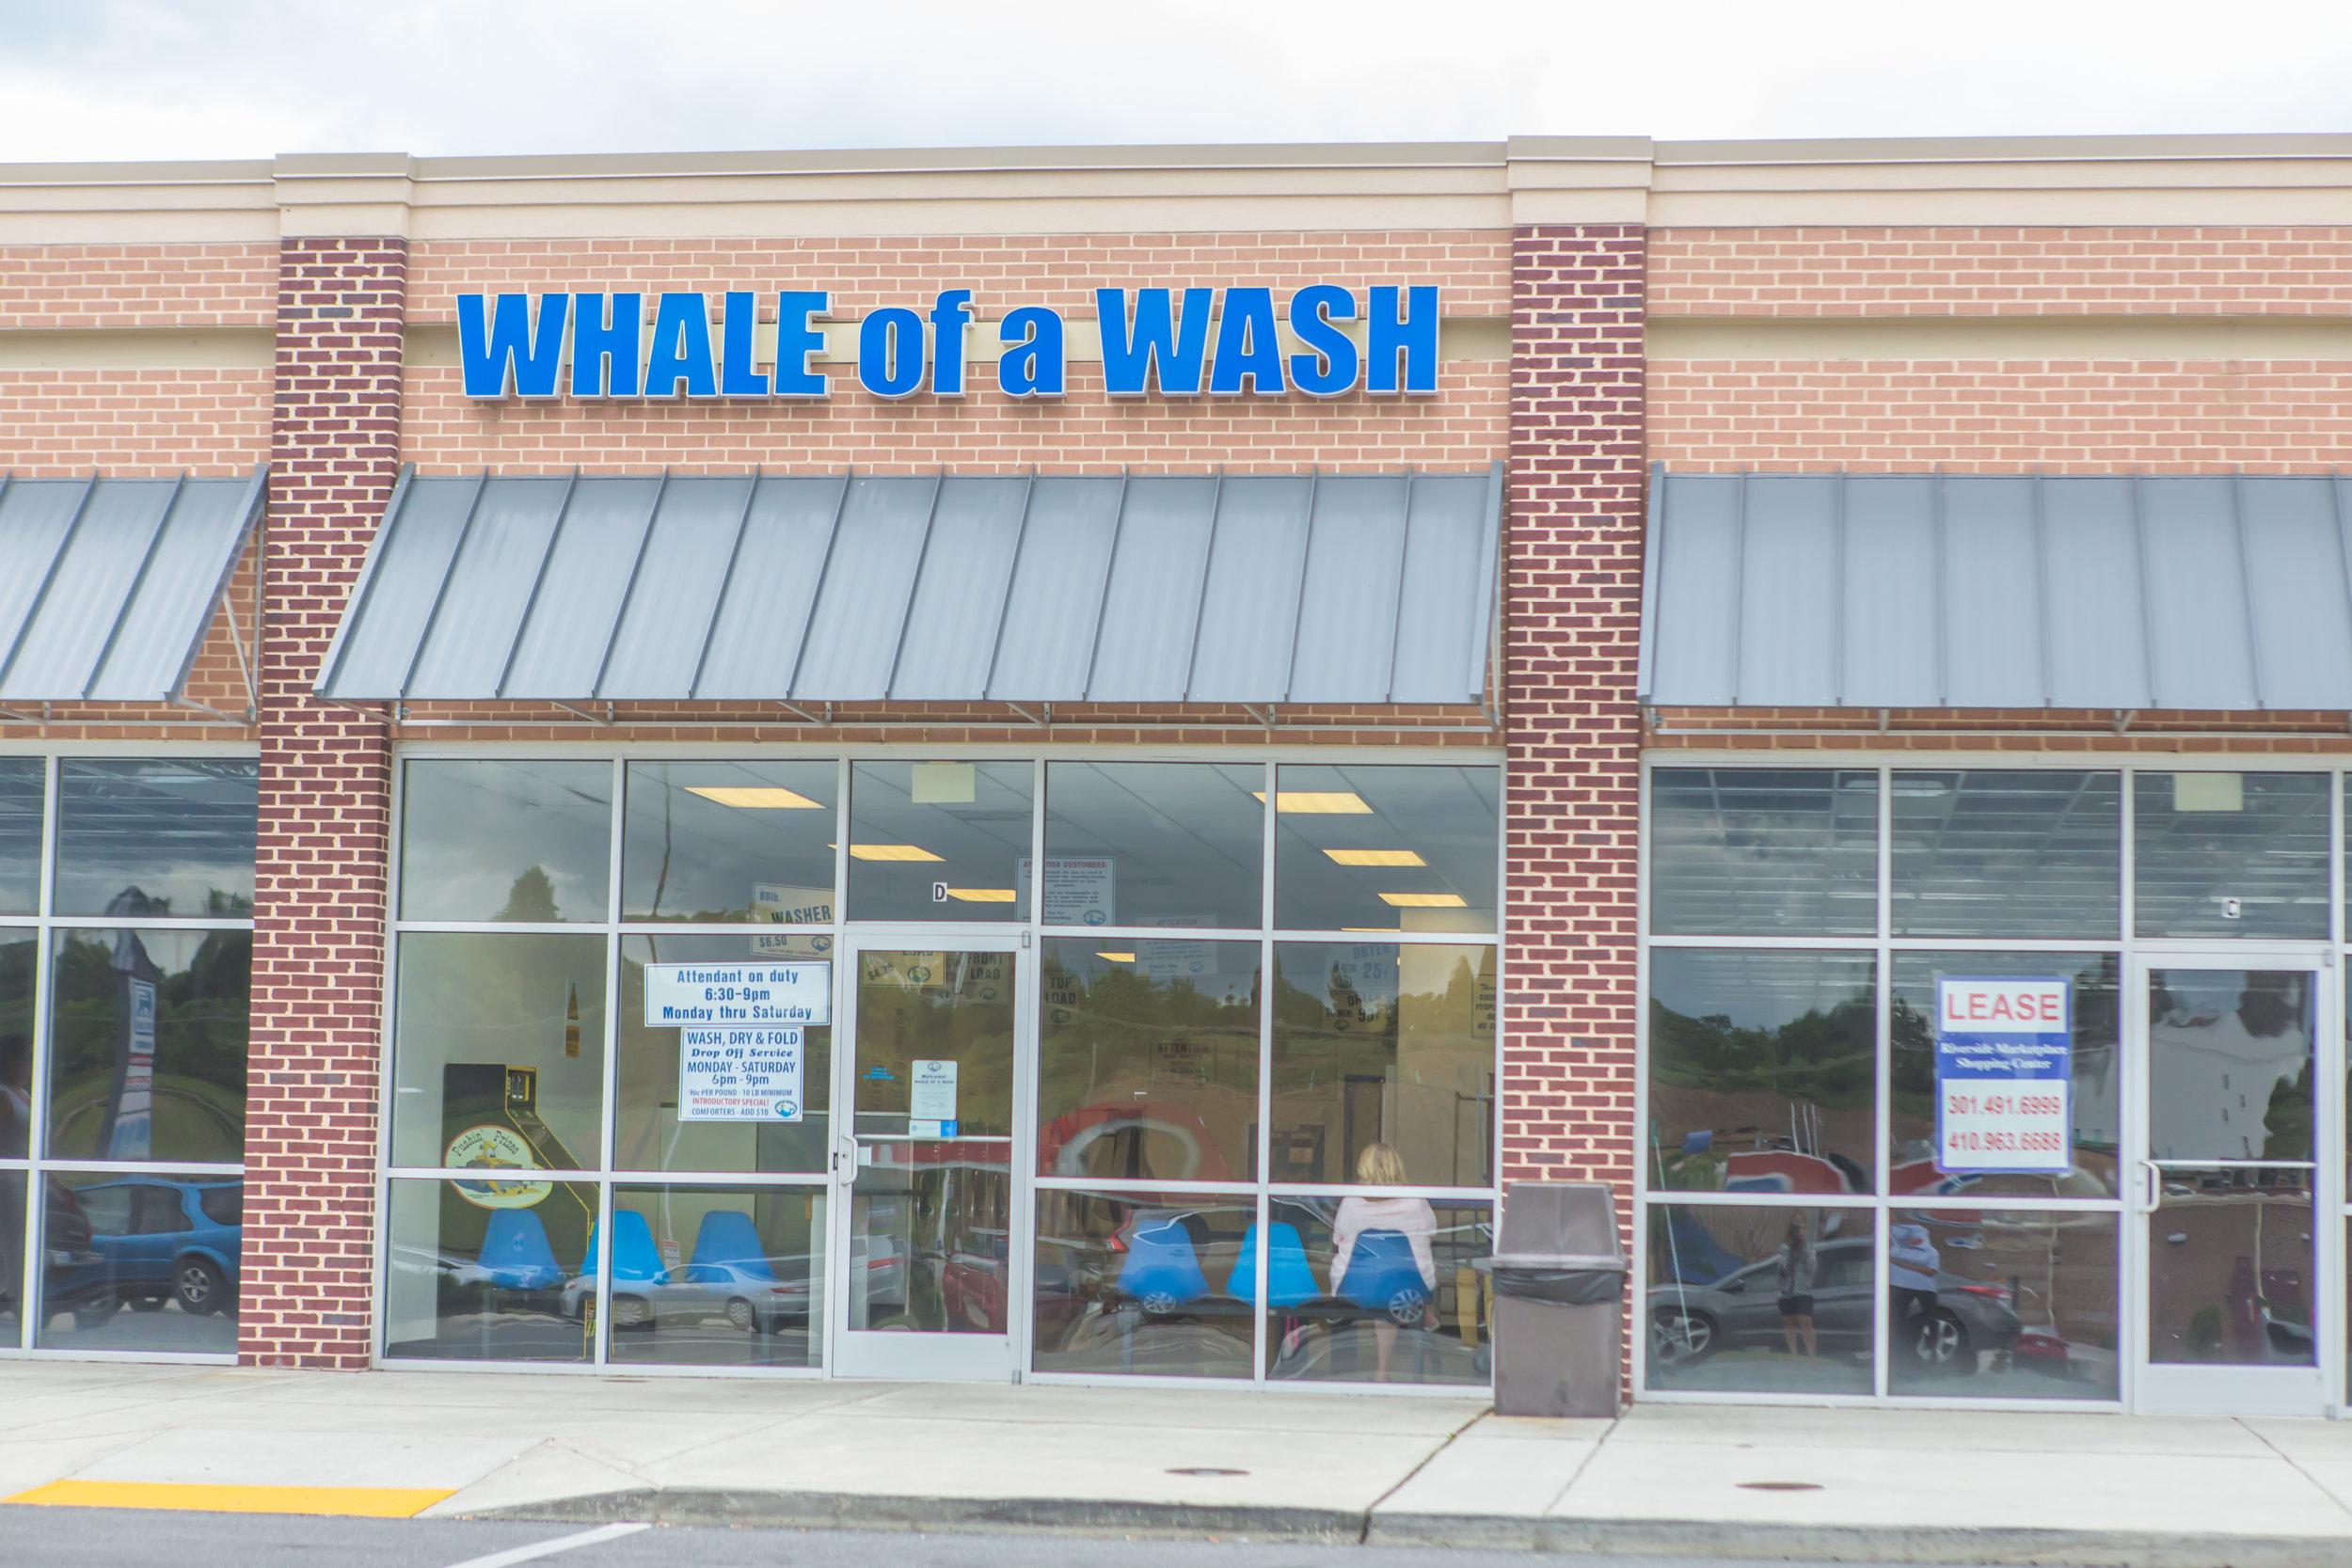 WhaleOfAWash_HR-4810144.jpg